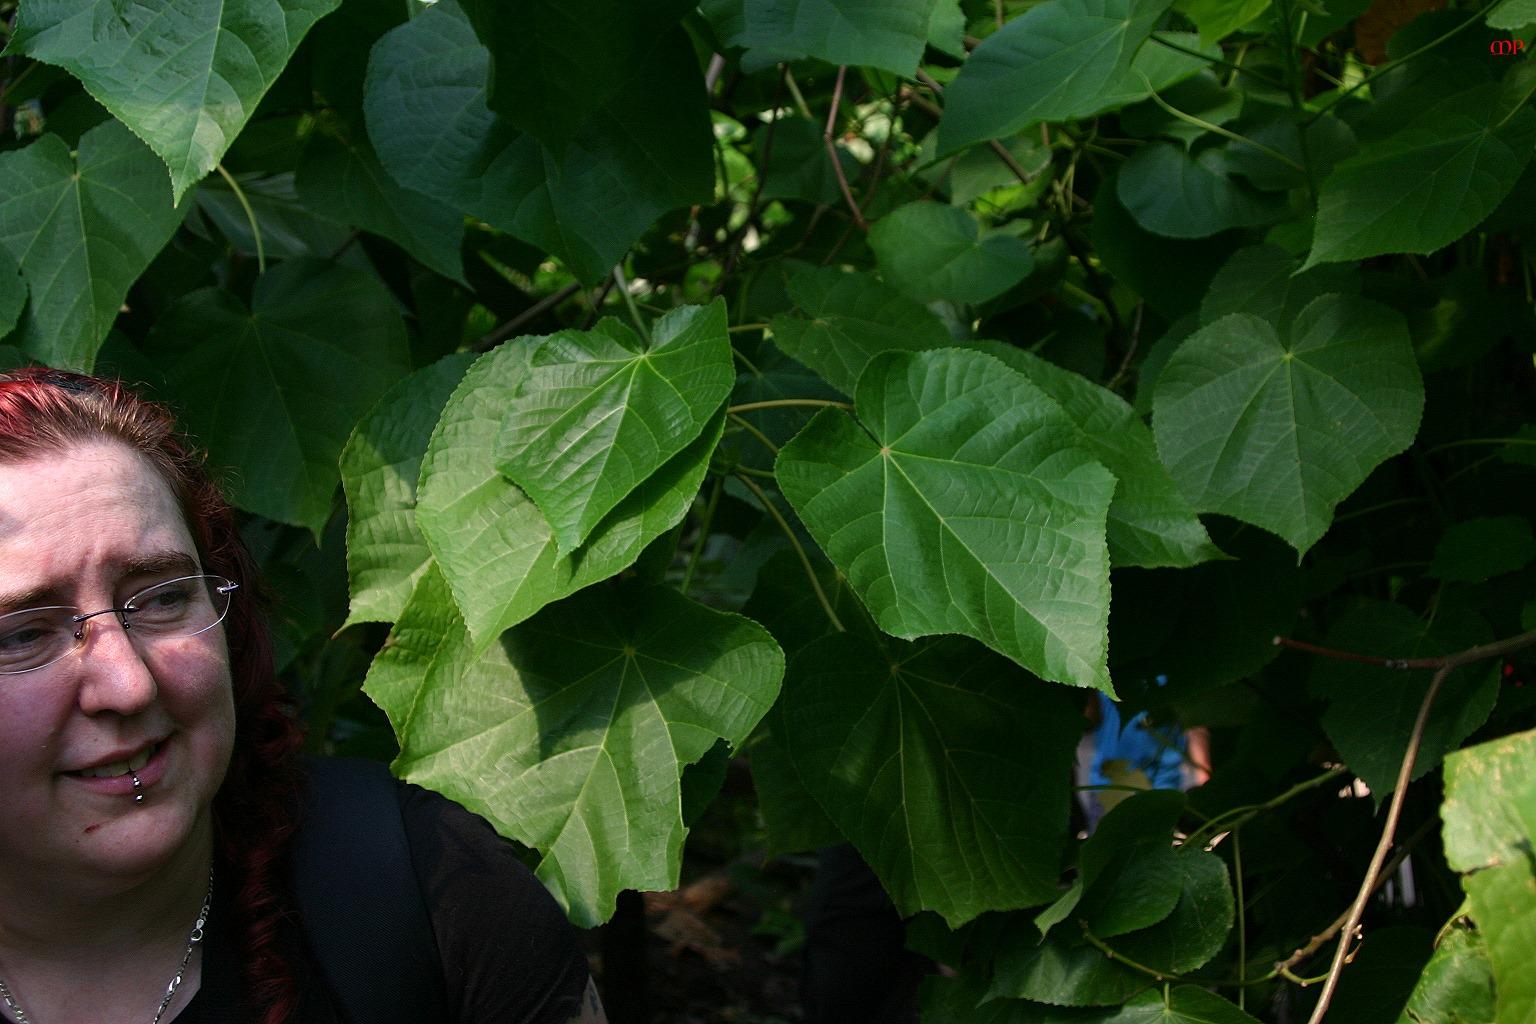 Blätter, so groß, wie ein Kopf